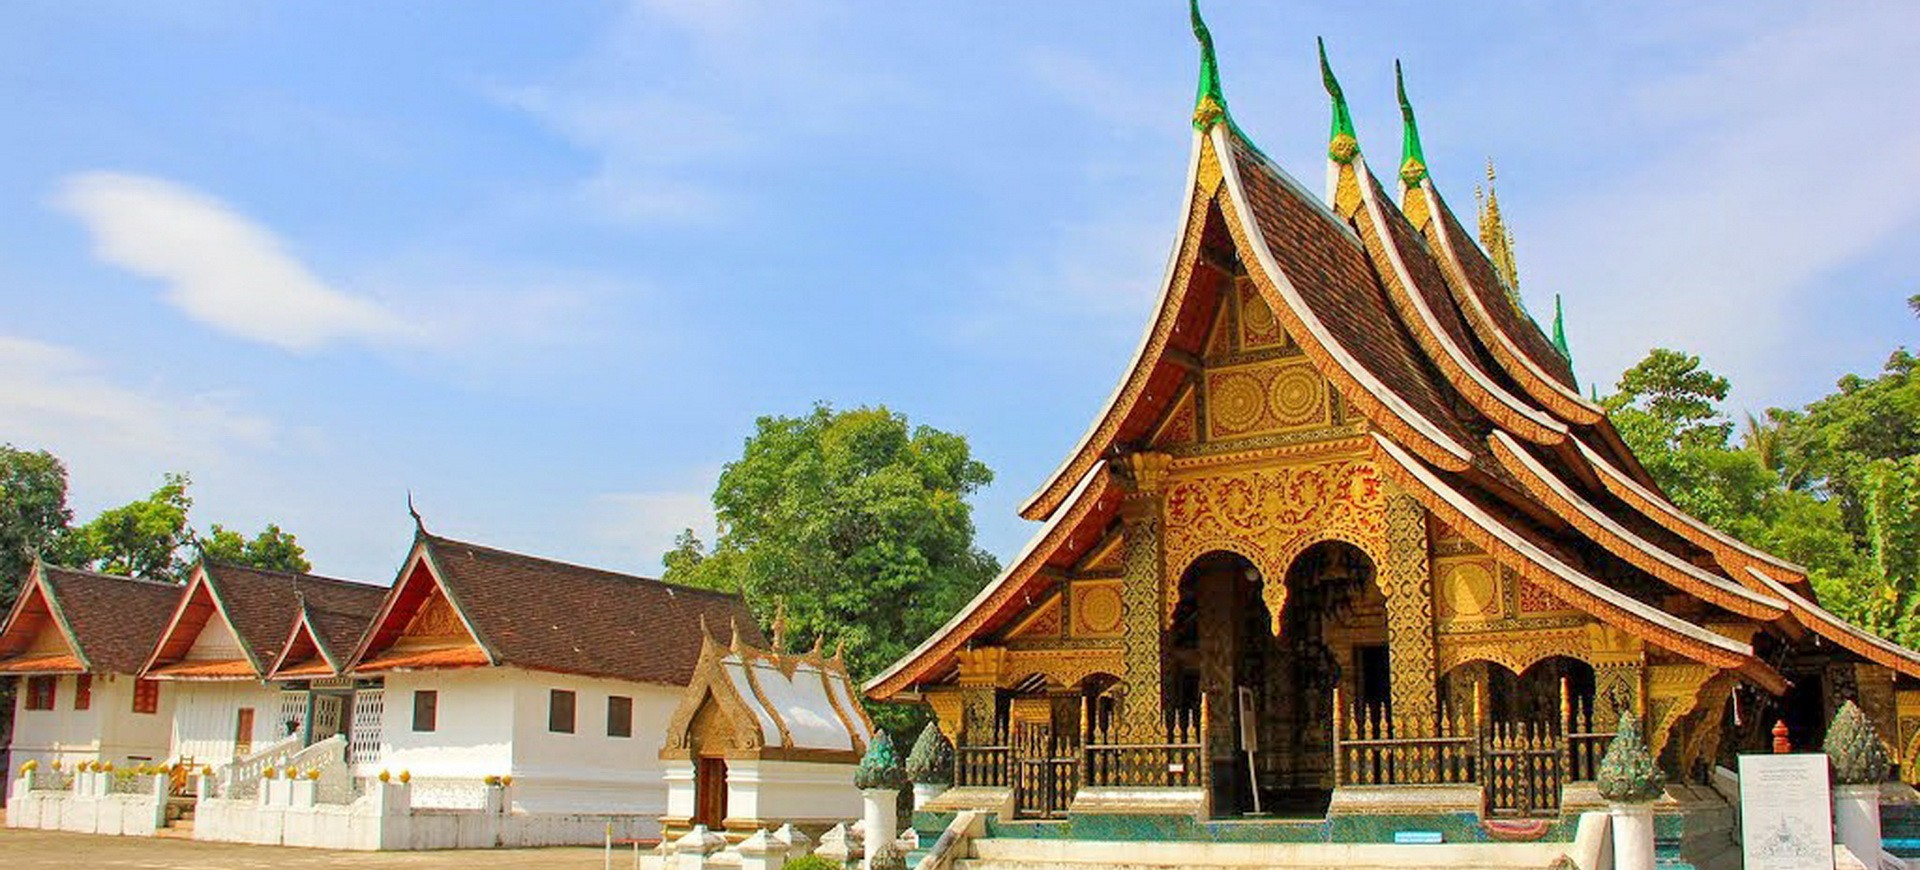 Laos Luang Prabang Vat Xieng Thong